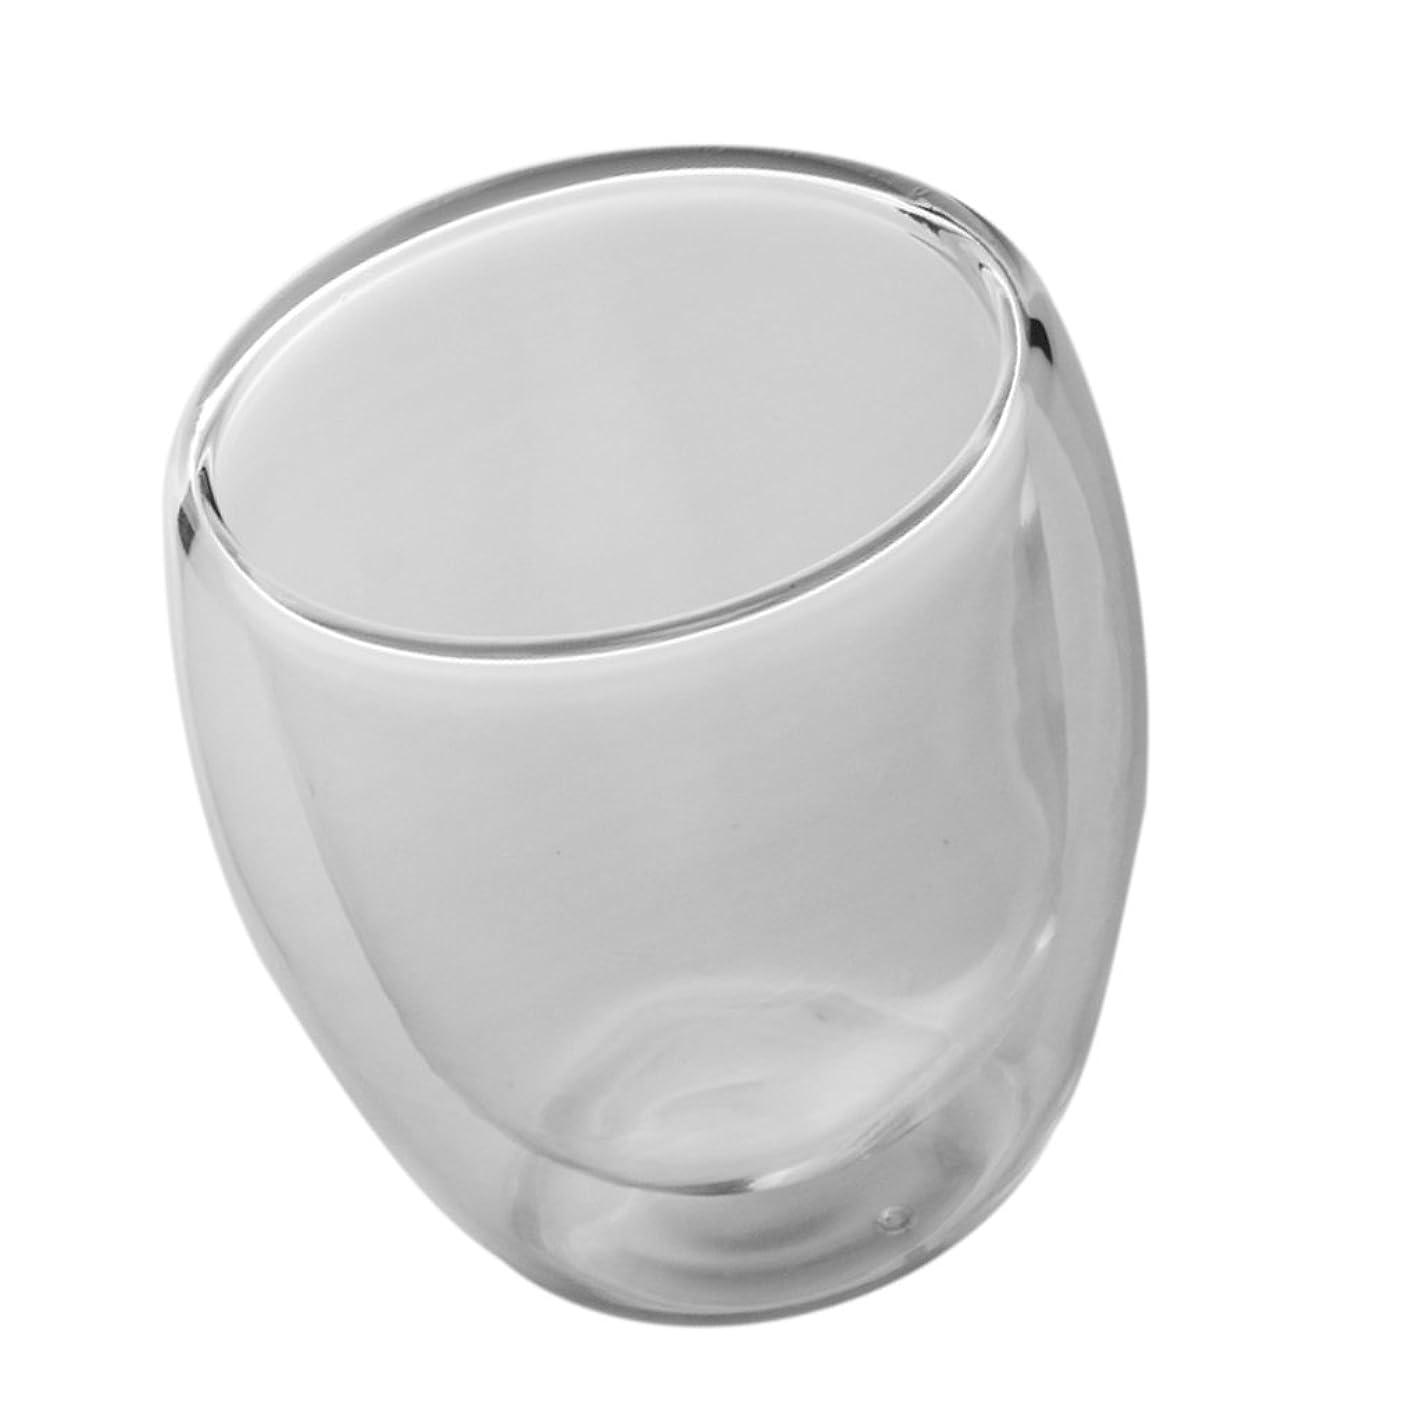 引退する意見ばか二重層カップ ガラスカップ 茶 お茶 コーヒー 喫茶店 カフェ 耐熱 耐久性